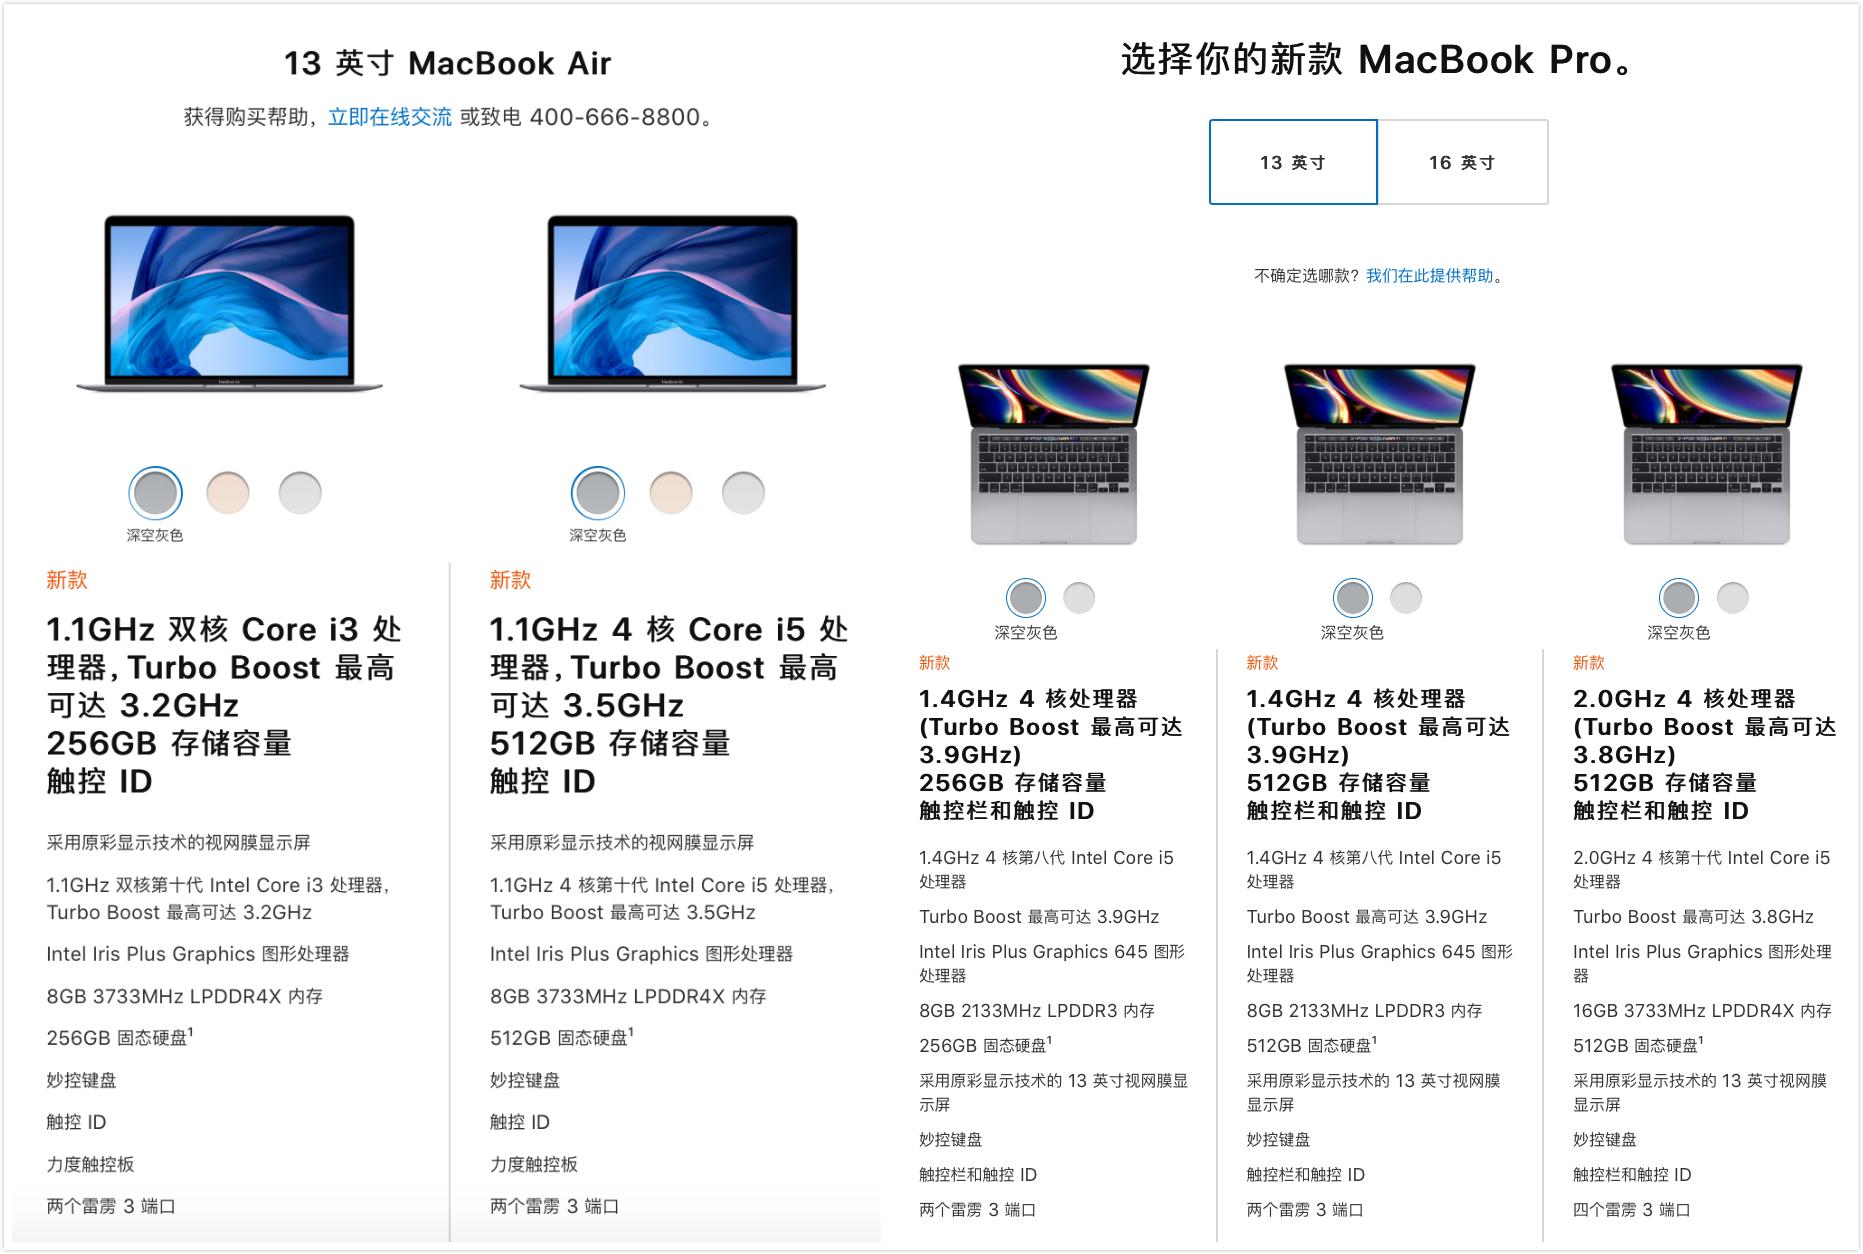 苹果MacBook Air又要被砍 库克到底在想啥?